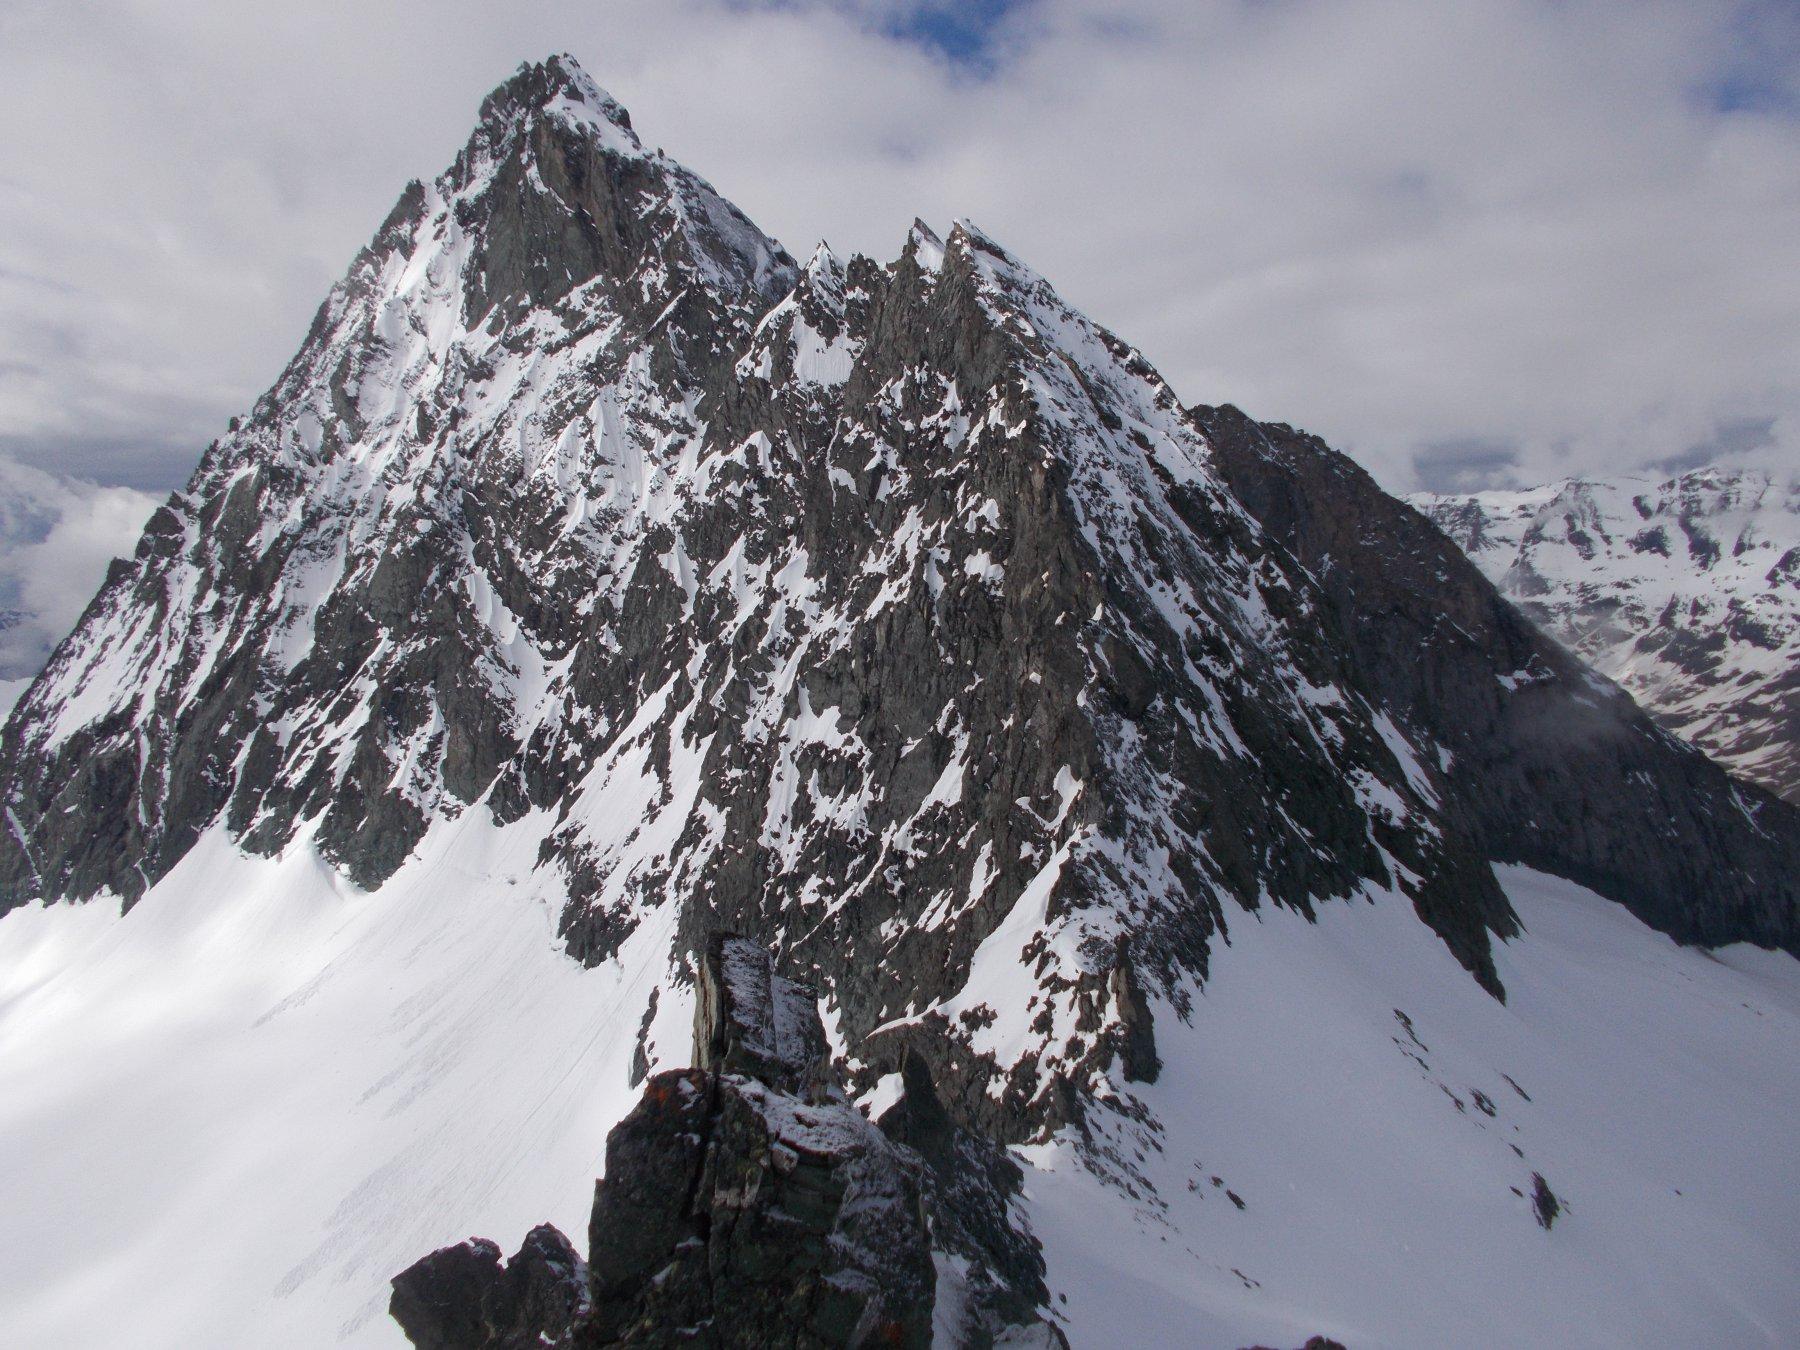 La Bessanese con la sua cresta nord..in basso al centro il Colle della Bessanese dal dente meridionale del Collerin..